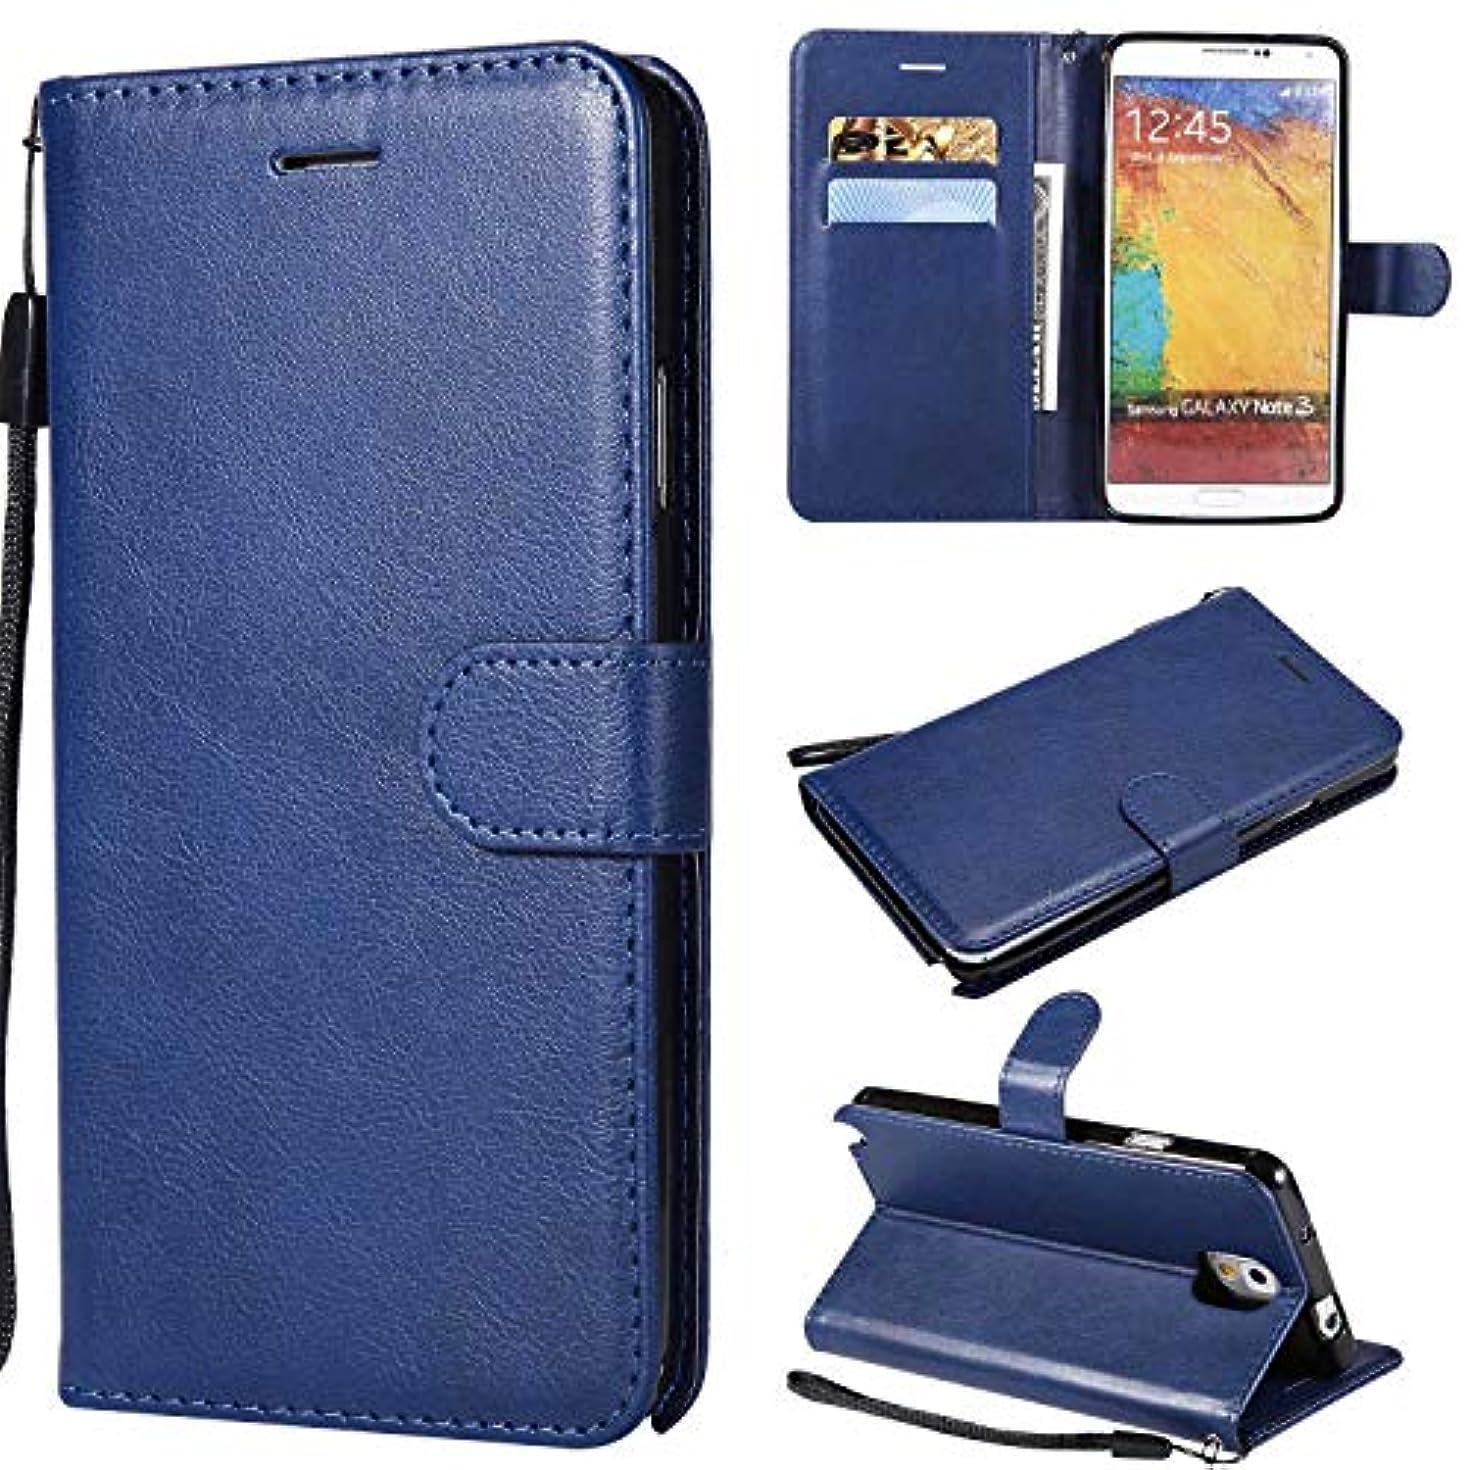 管理します調整距離Galaxy Note 3 ケース手帳型 OMATENTI レザー 革 薄型 手帳型カバー カード入れ スタンド機能 サムスン Galaxy Note 3 おしゃれ 手帳ケース (6-ブルー)